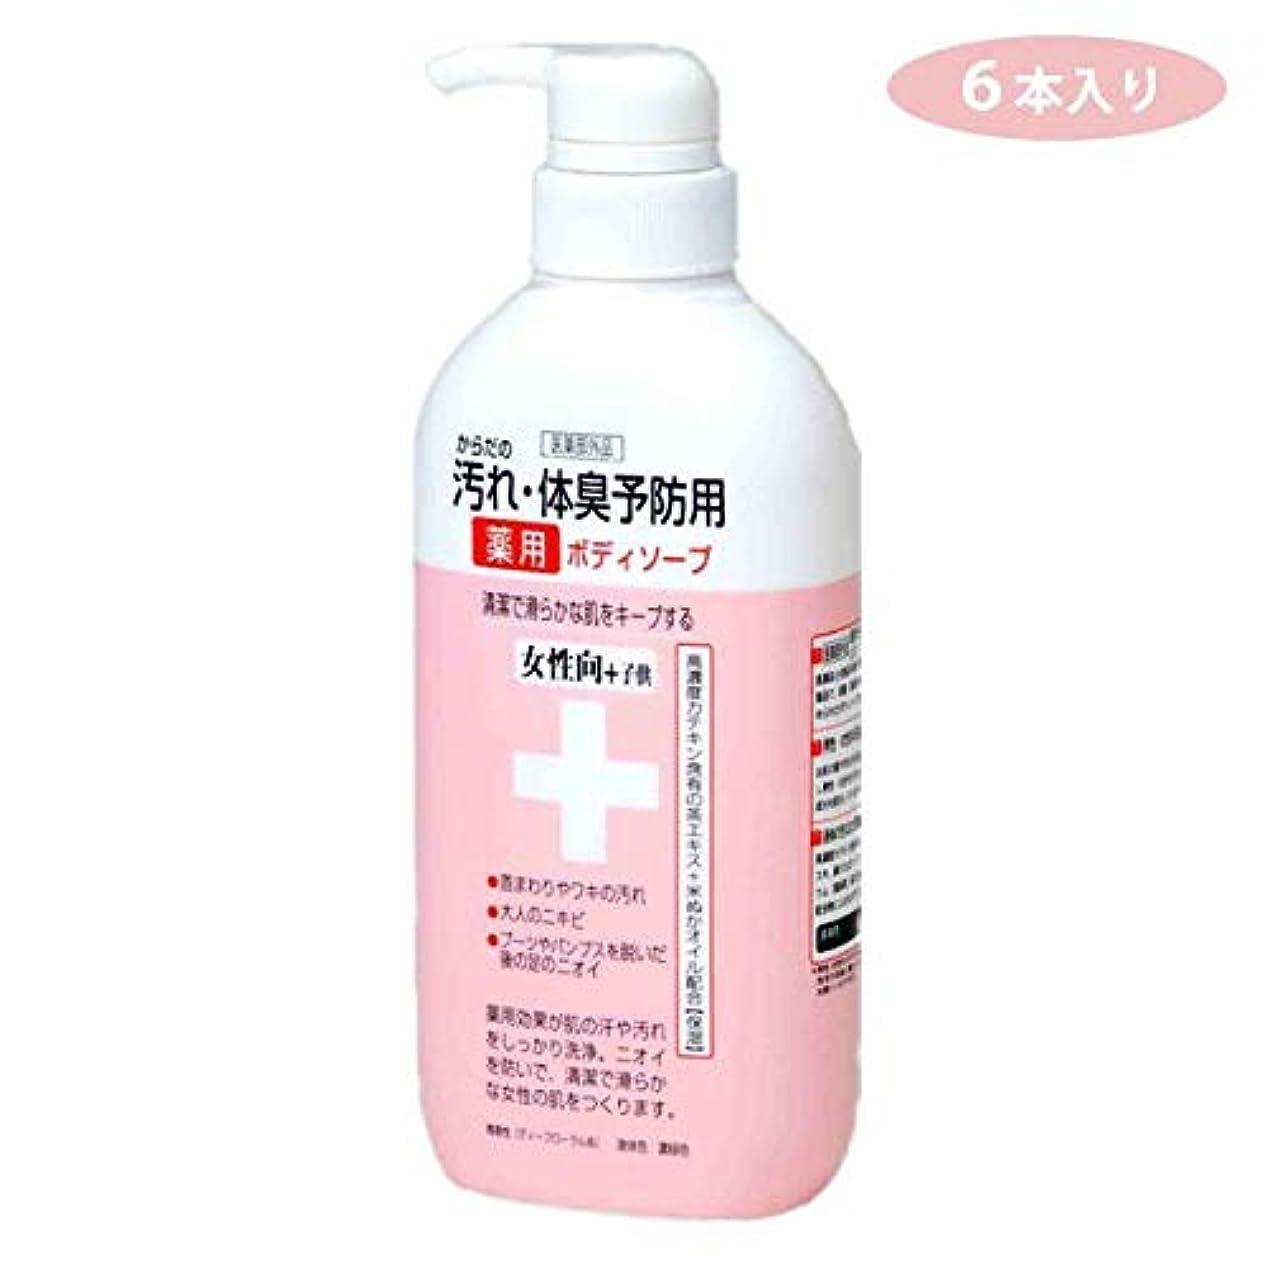 コア柱ミニチュアCTY-BF 6本入り からだの汚れ?体臭予防用 薬用ボディソープ 女性向き